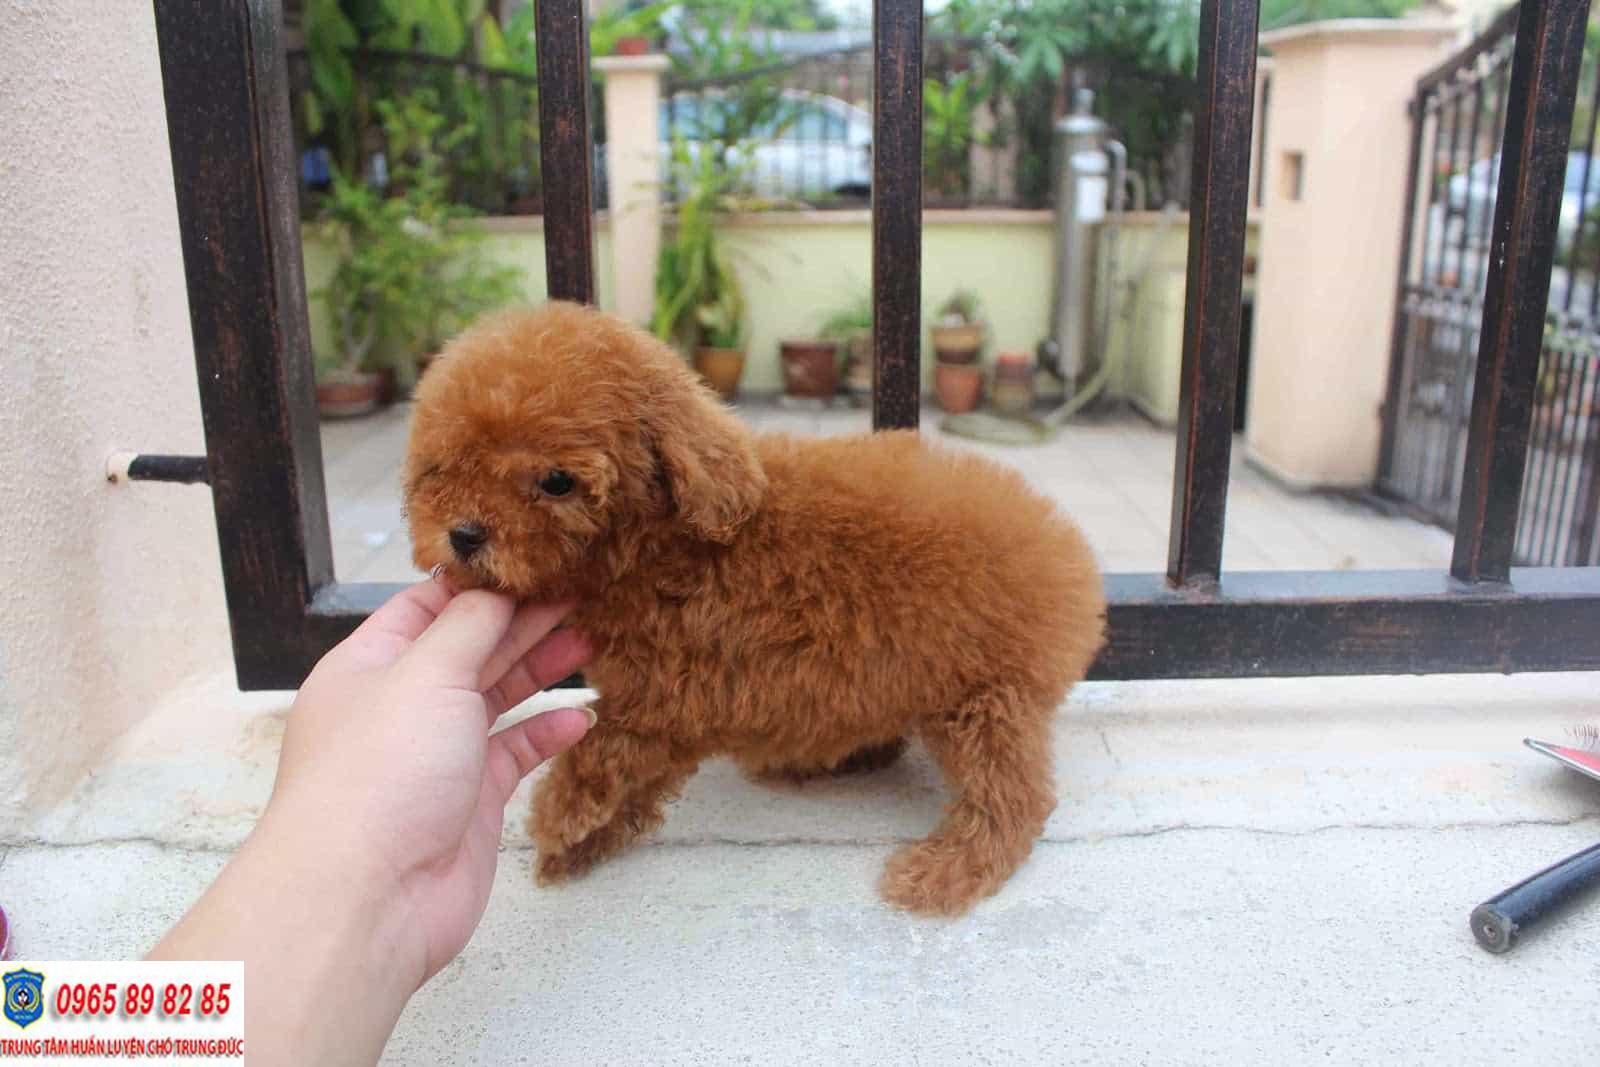 Tiny Poodle - Tổng hợp tất tần tật thông tin về giống chó đáng yêu này